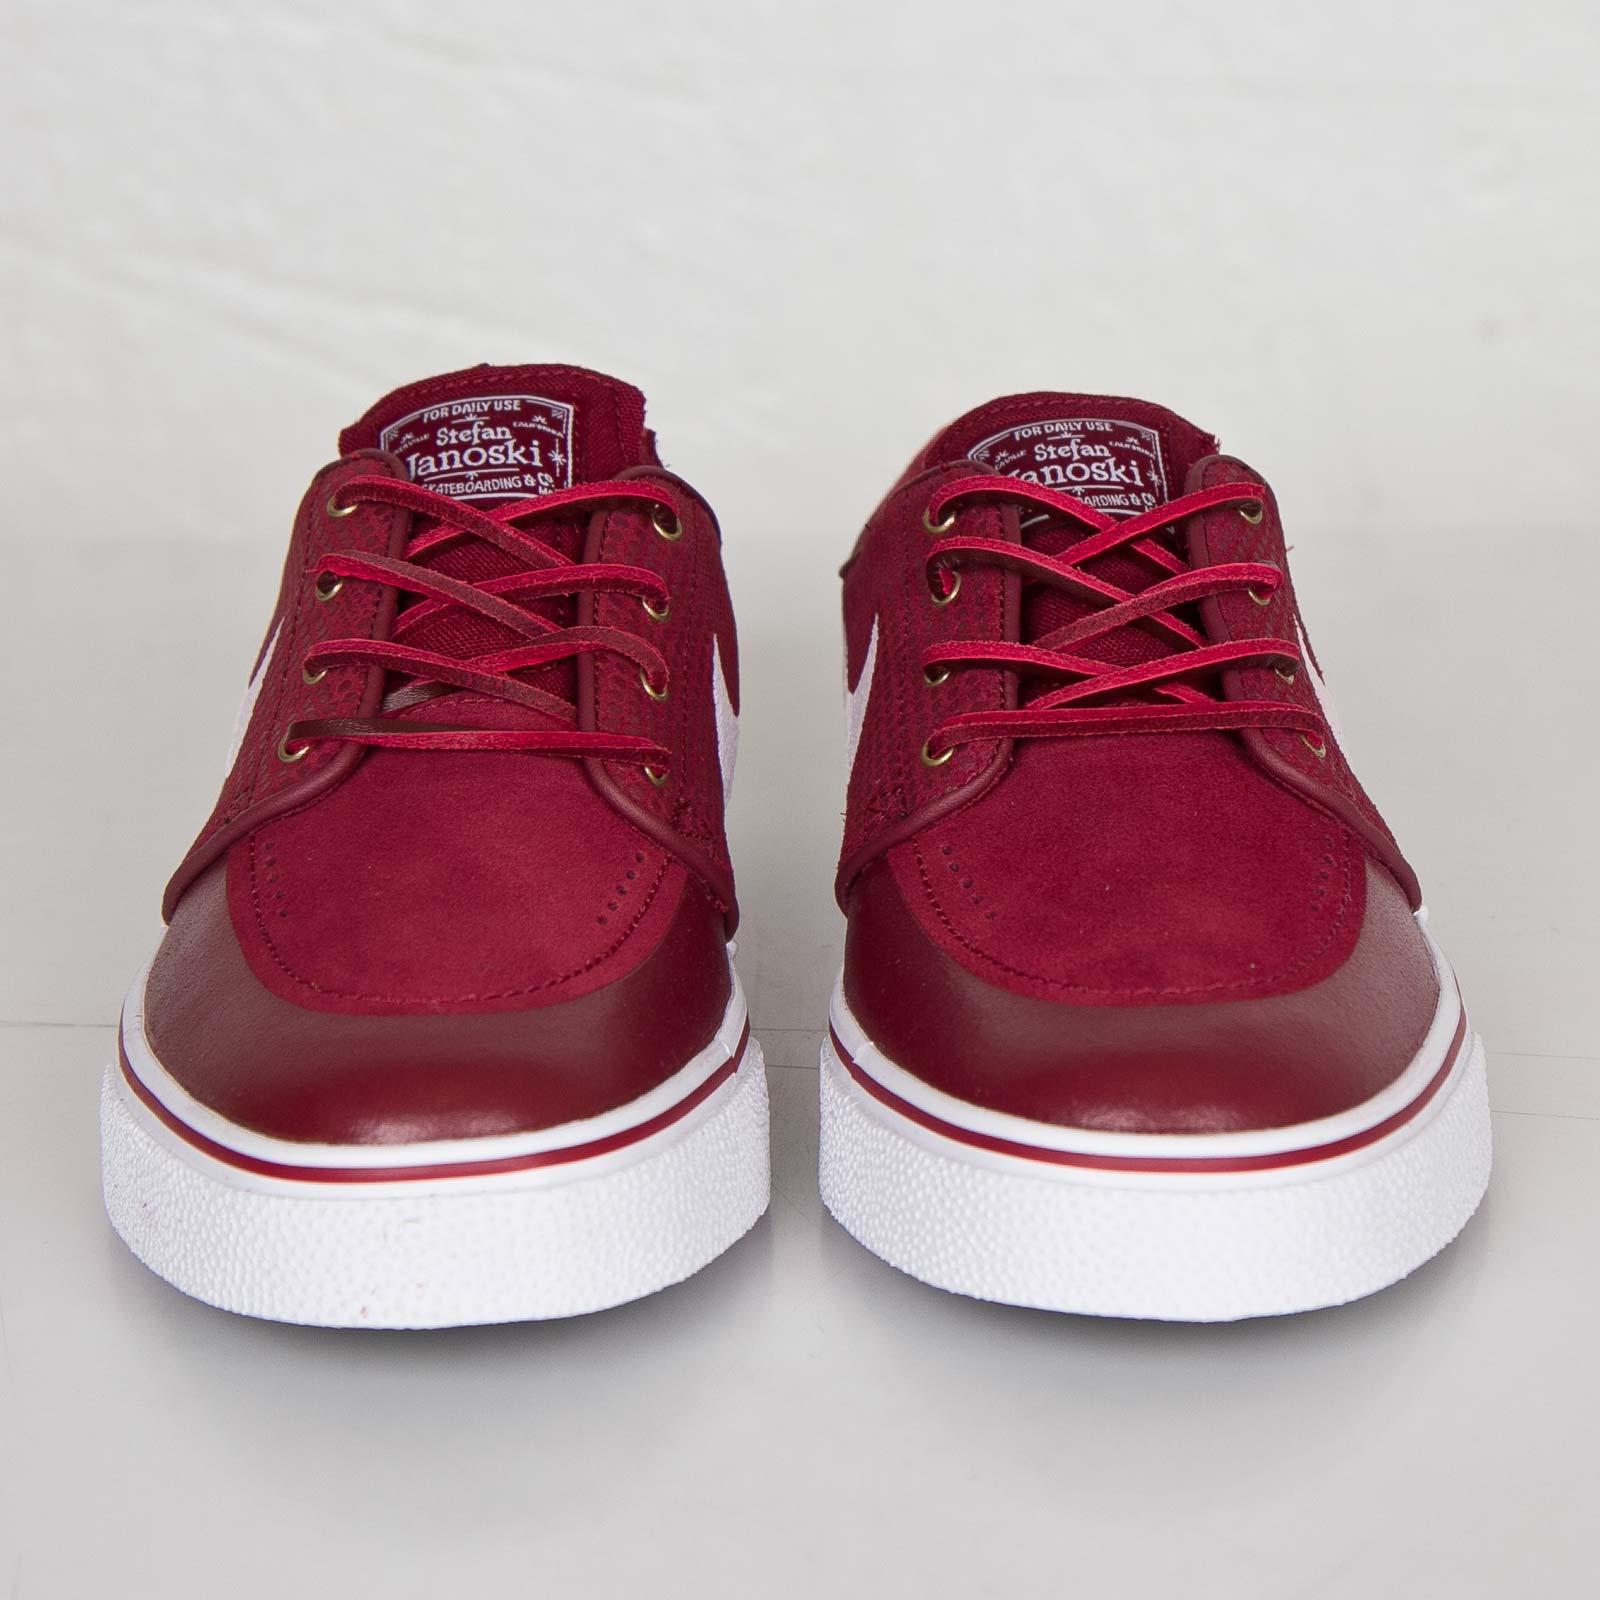 check out e348e d2f41 Nike Zoom Stefan Janoski Premium SE - 631298-611 - Sneakersnstuff    sneakers   streetwear online since 1999